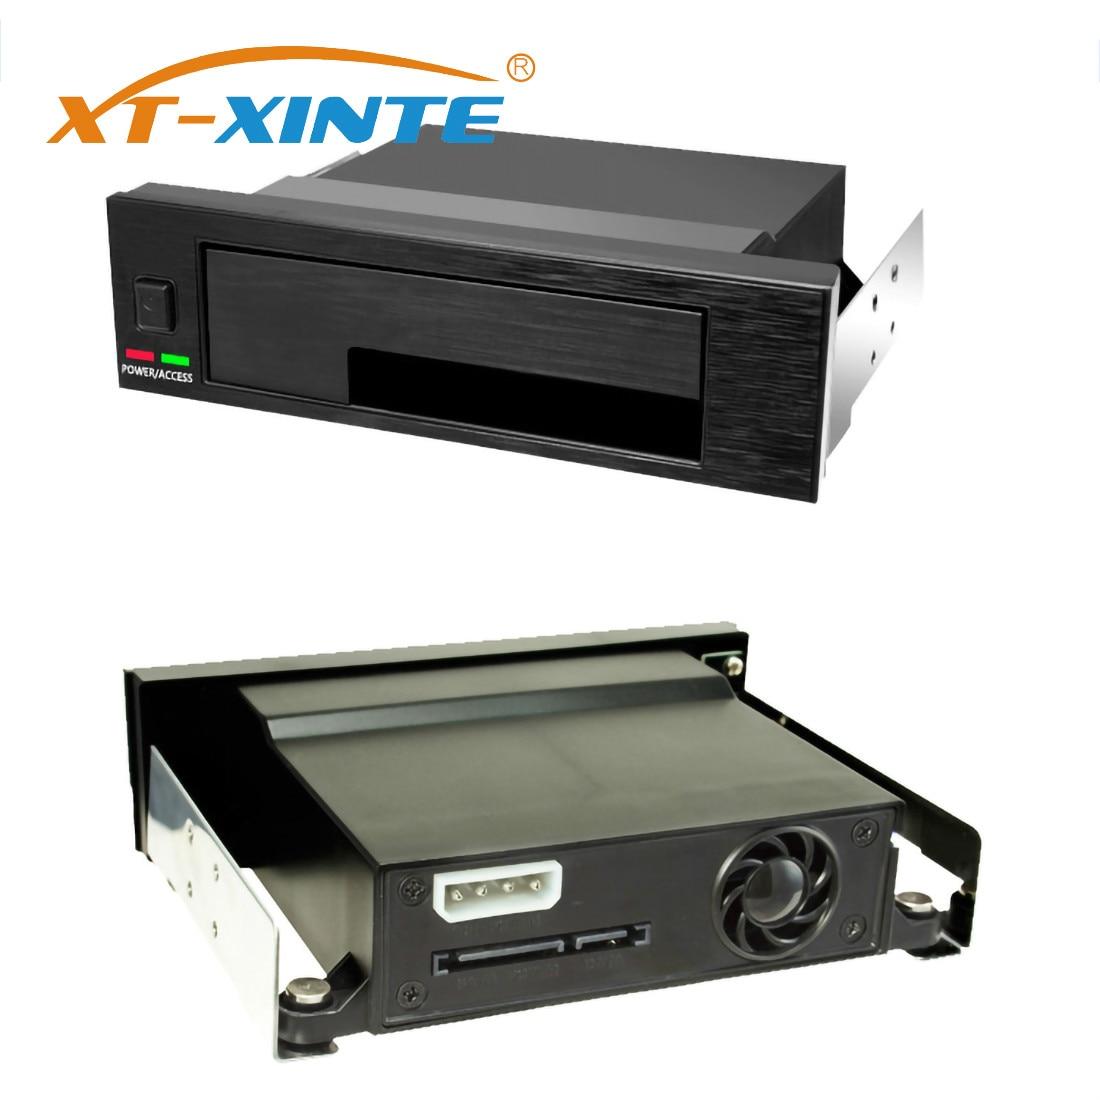 Caja de almacenamiento SSD de XT-XINTE, bandeja interna de una sola bahía, caja de estantería móvil con indicador LED intercambiable en caliente para SATA de 2,5 y 3,5 pulgadas